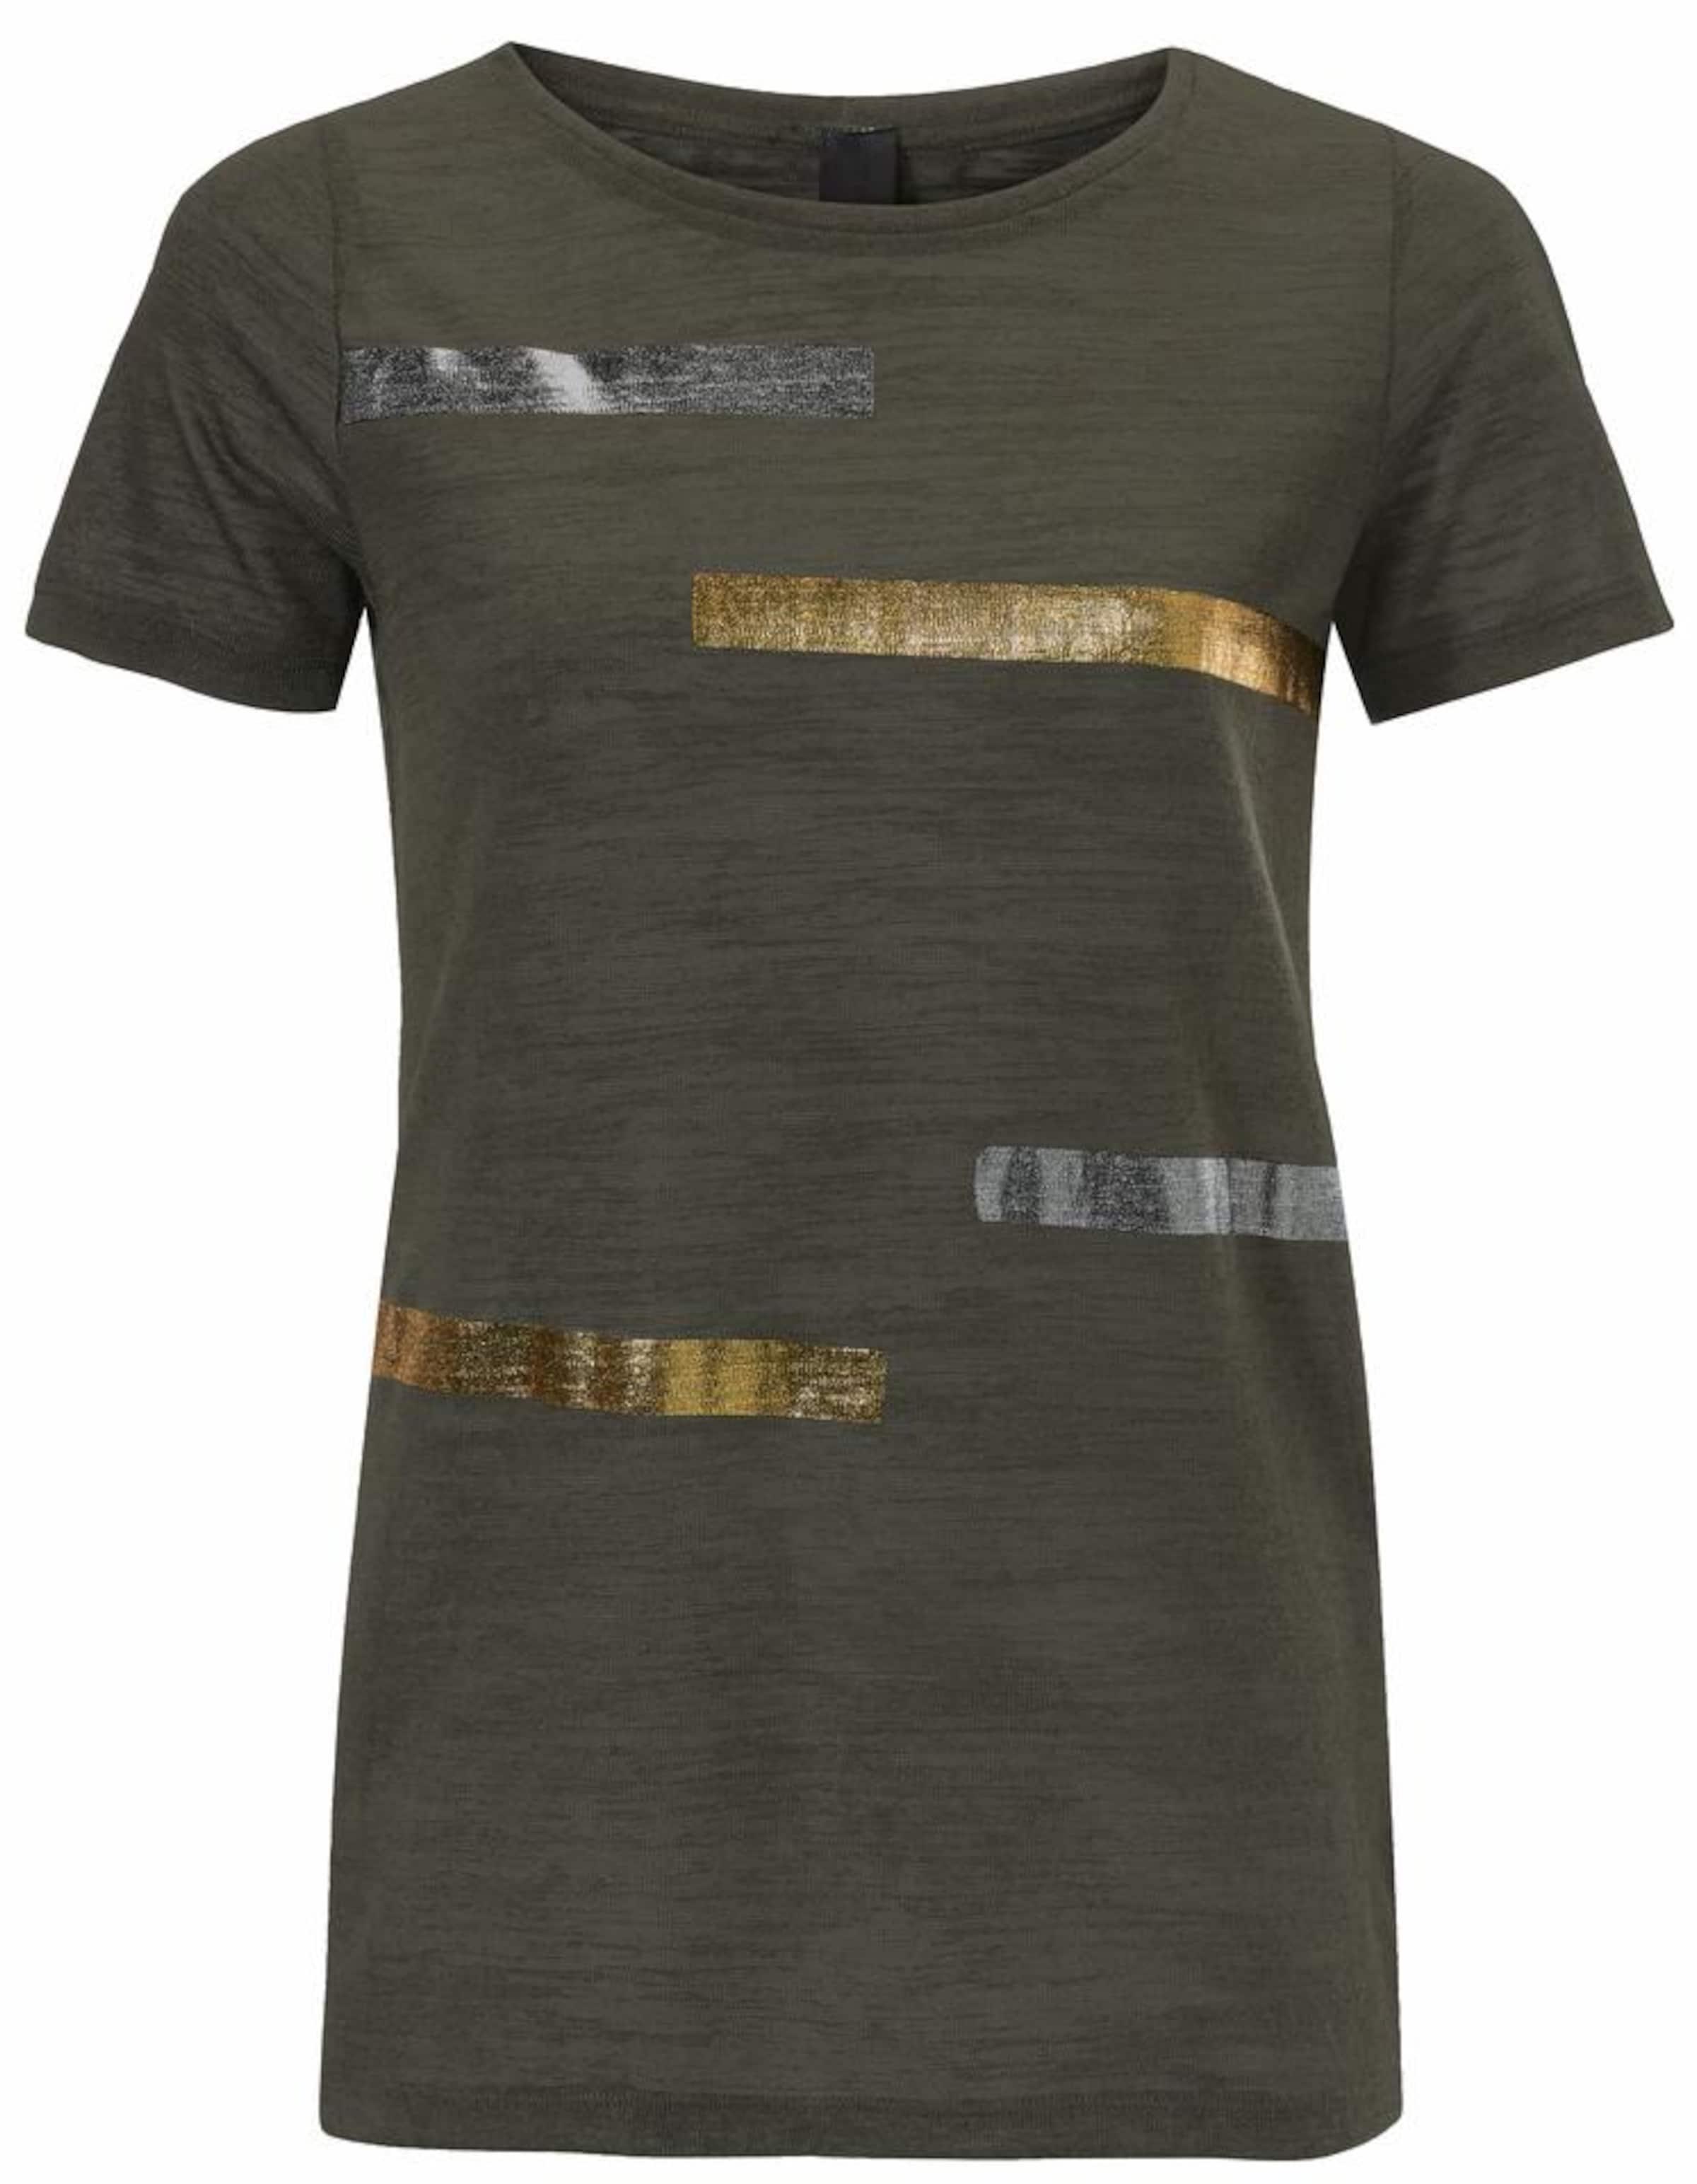 GoldOliv Print Streifen Silber Rundhalsshirt Mit In Heine 29IEDH